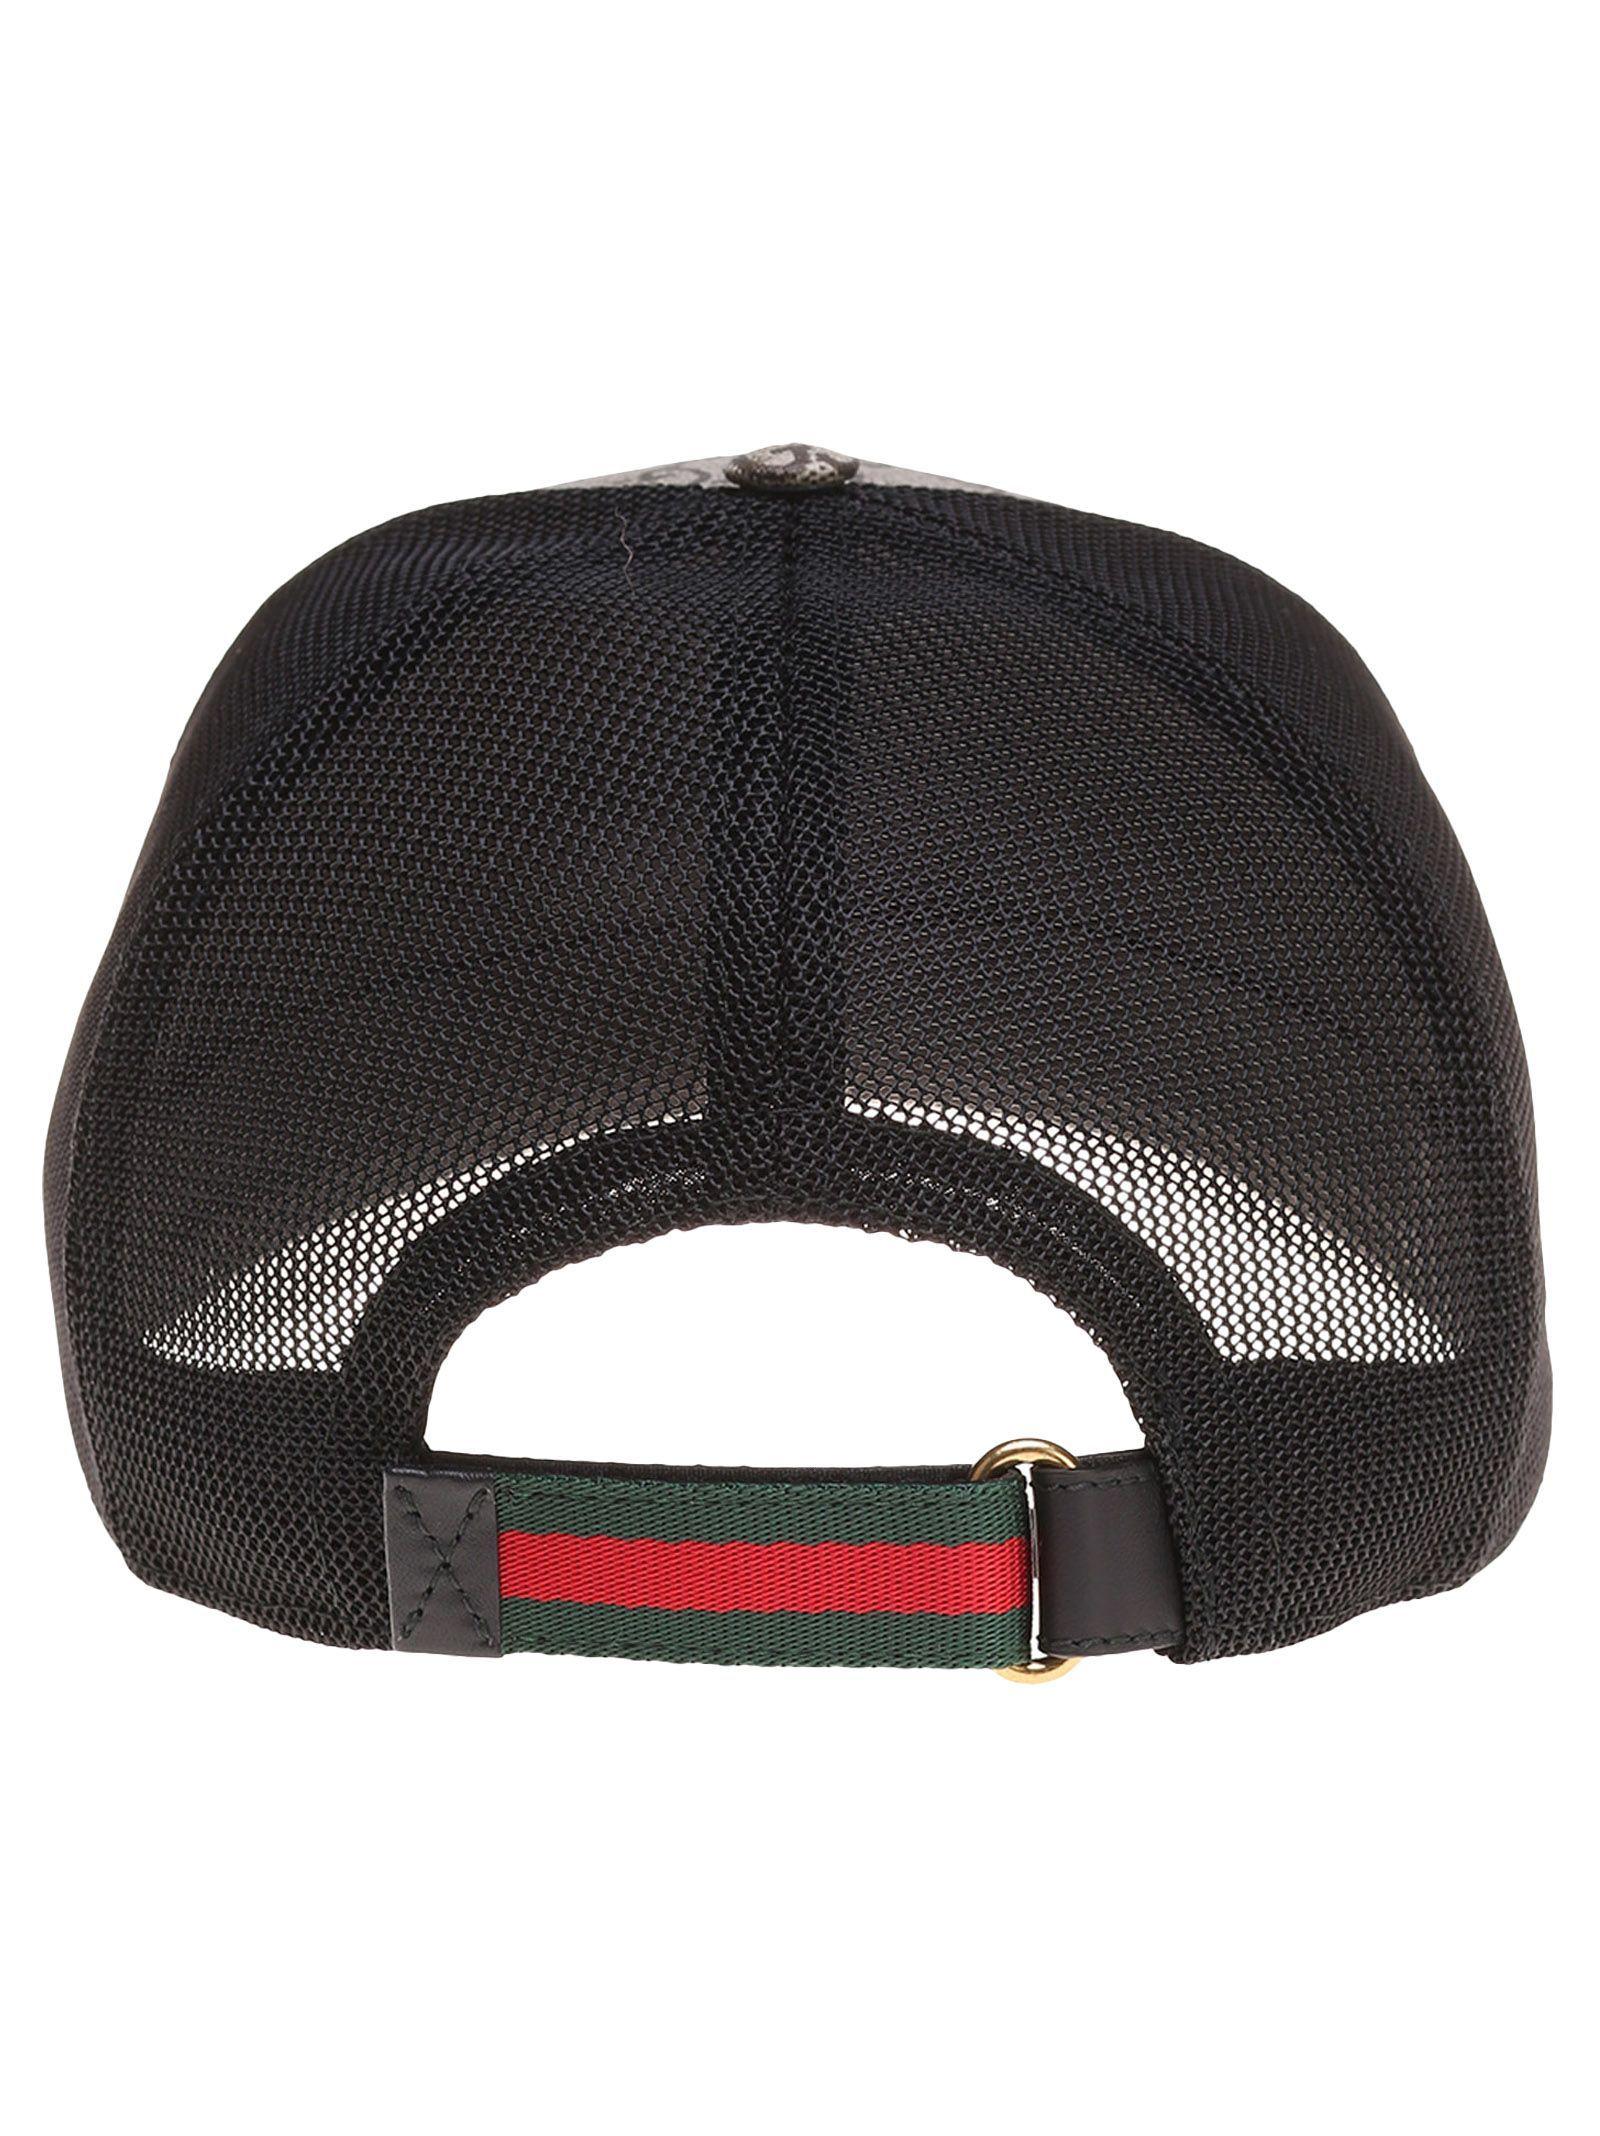 e823a4d346cae3 GUCCI BEE PRINT GG SUPREME BASEBALL HAT. #gucci # | Gucci Men | Hats ...